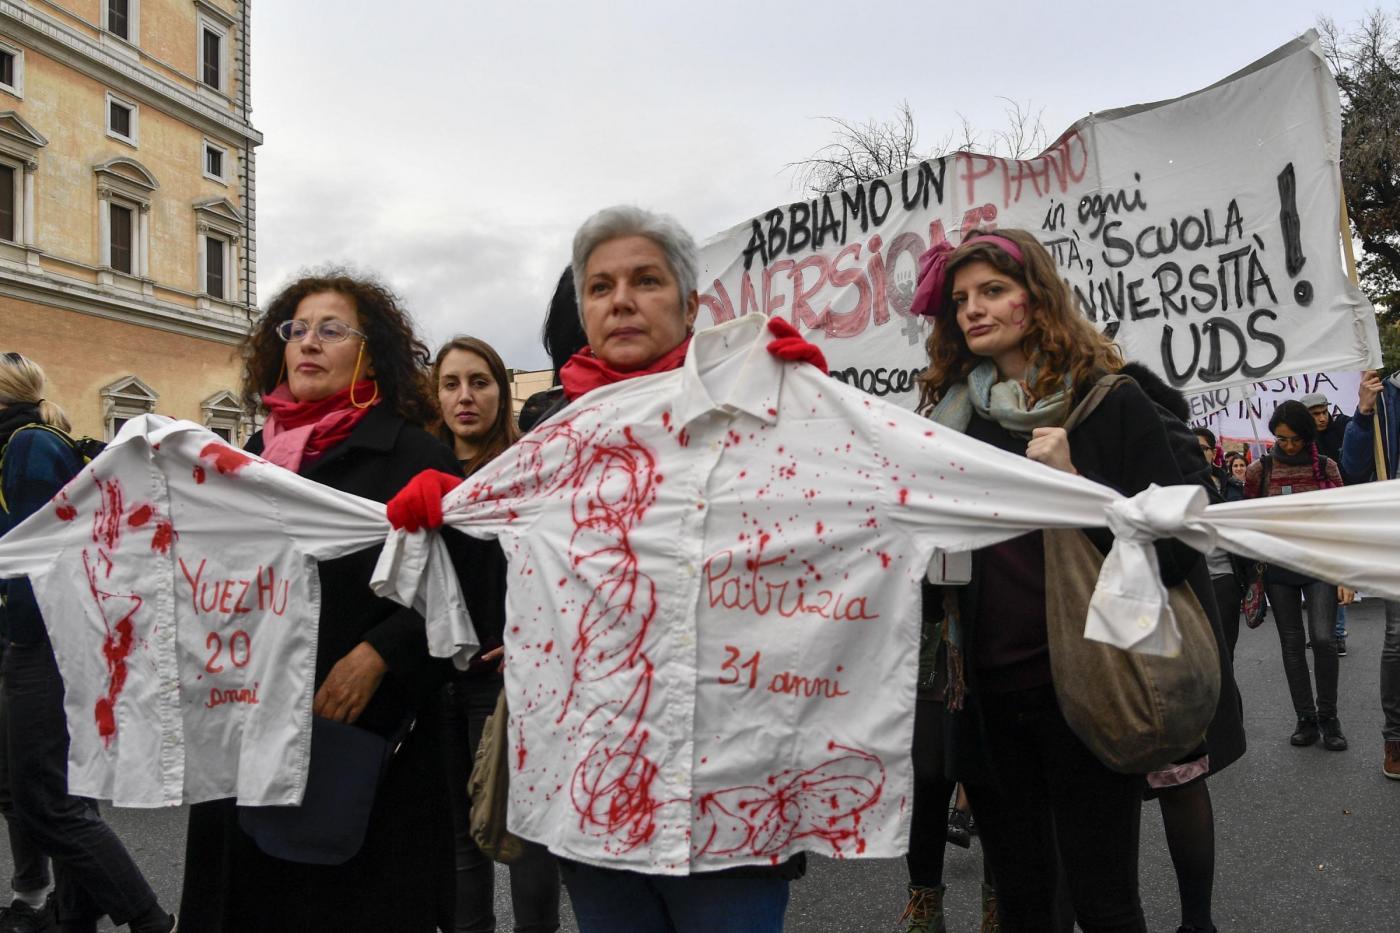 Un omicidio ogni tre giorni e oltre 90 donne uccise nel 2020: ecco i drammatici numeri dei femminicidi in Italia